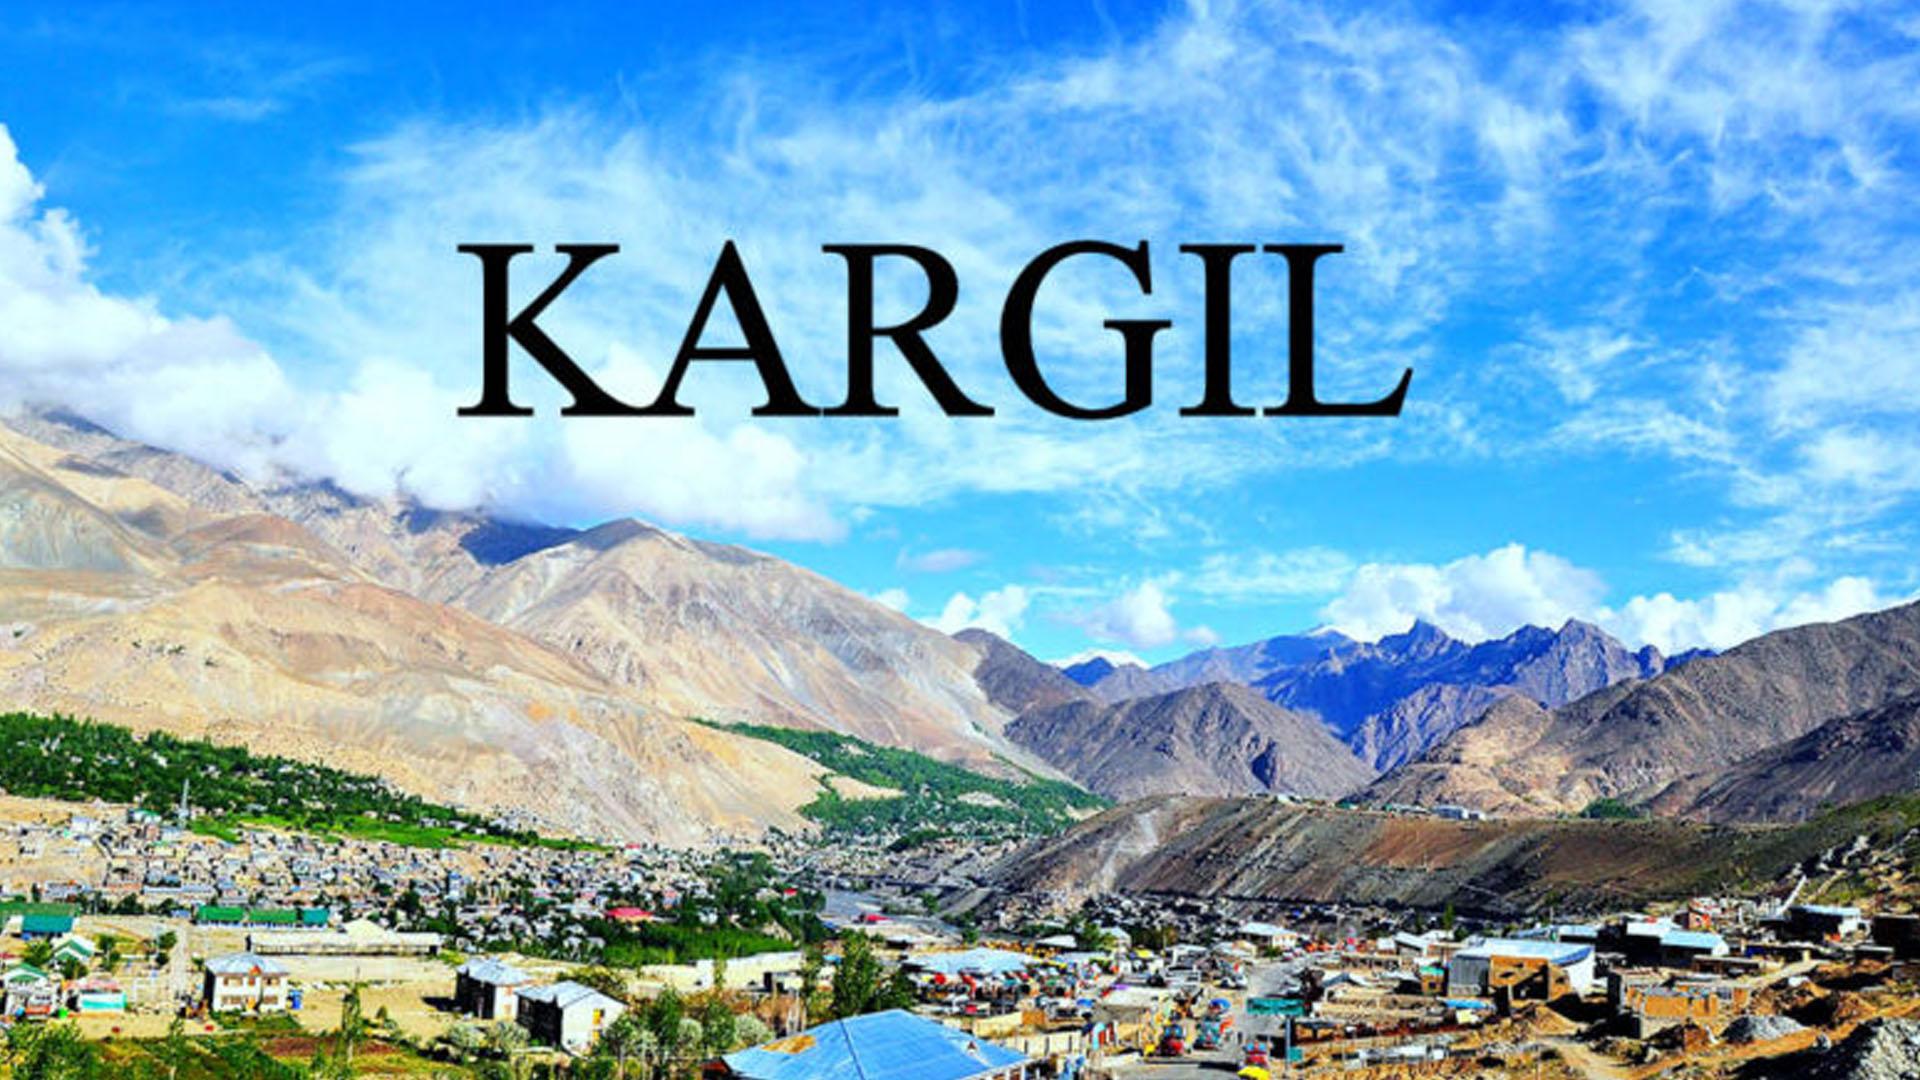 Kargil